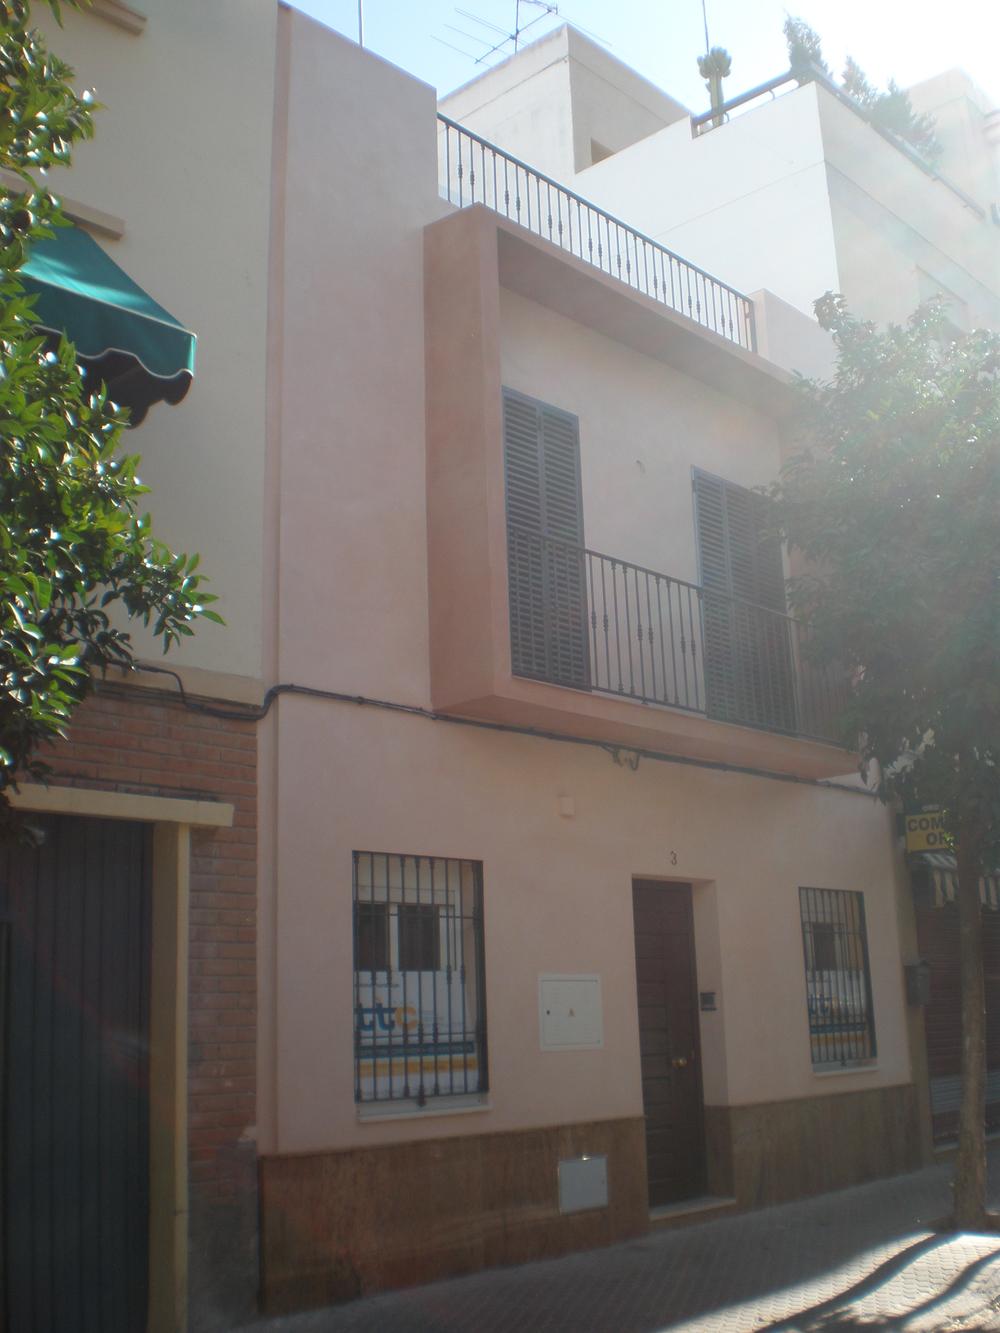 Reforma de vivienda (calle Sinaí, Sevilla) - TTC Spain